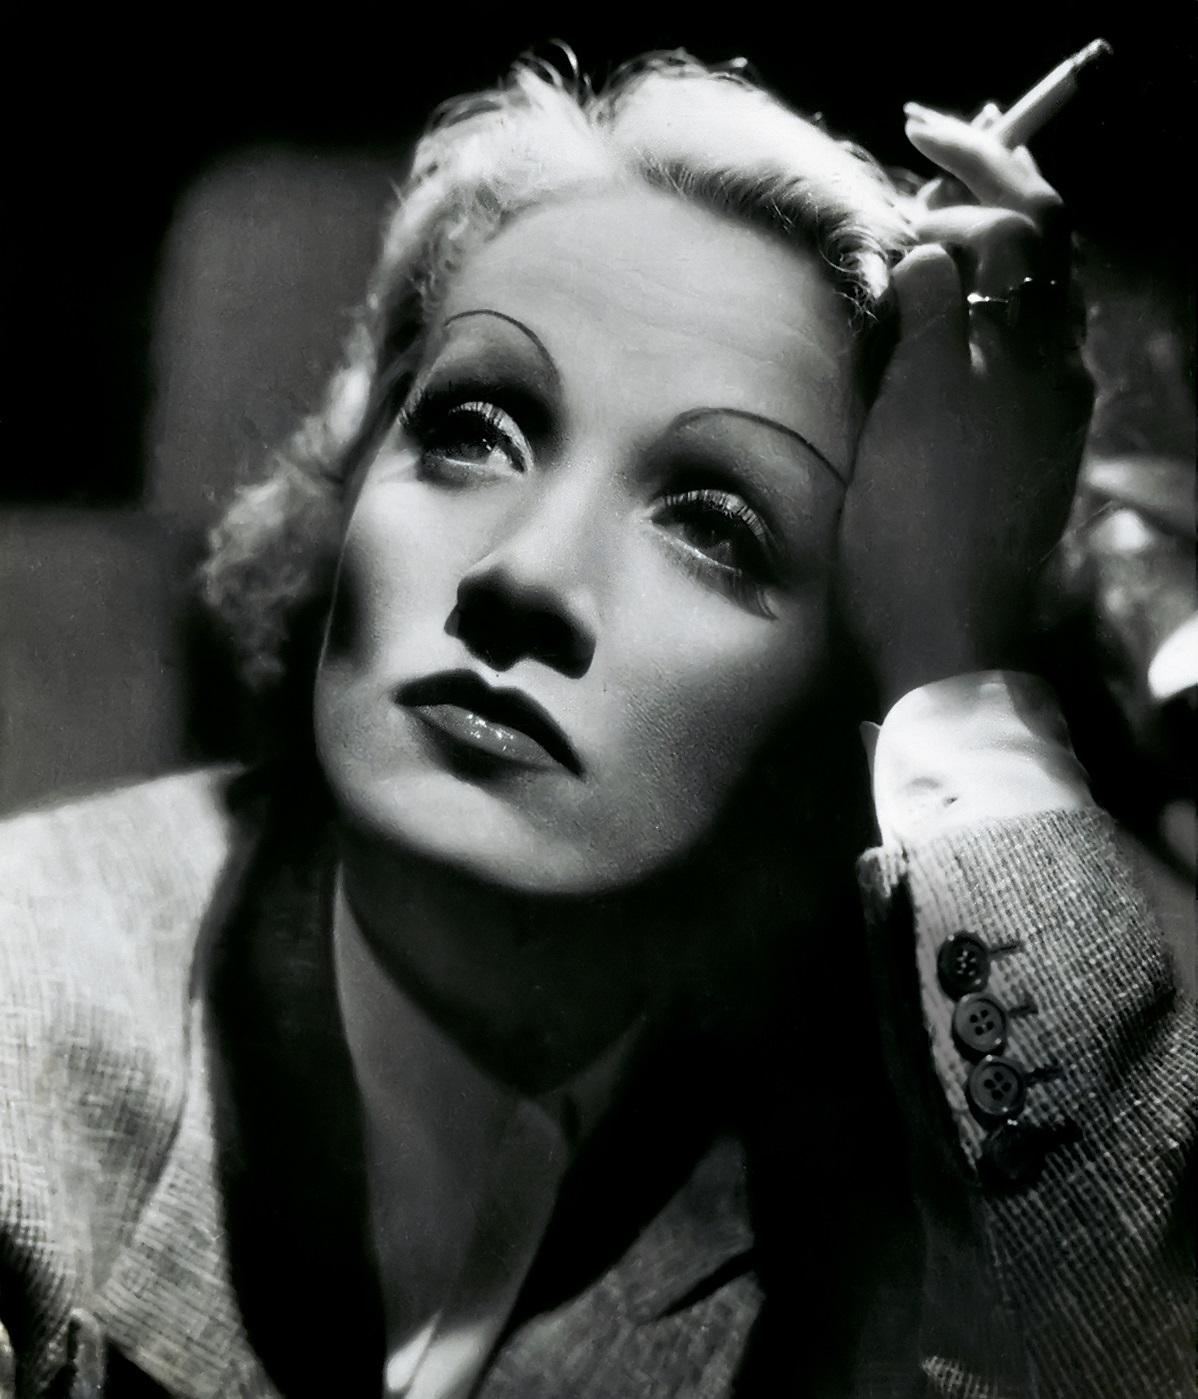 Вот такой гламурной, изысканной стала Марлен после фильма-хита Штернберга «Марокко» (1930)